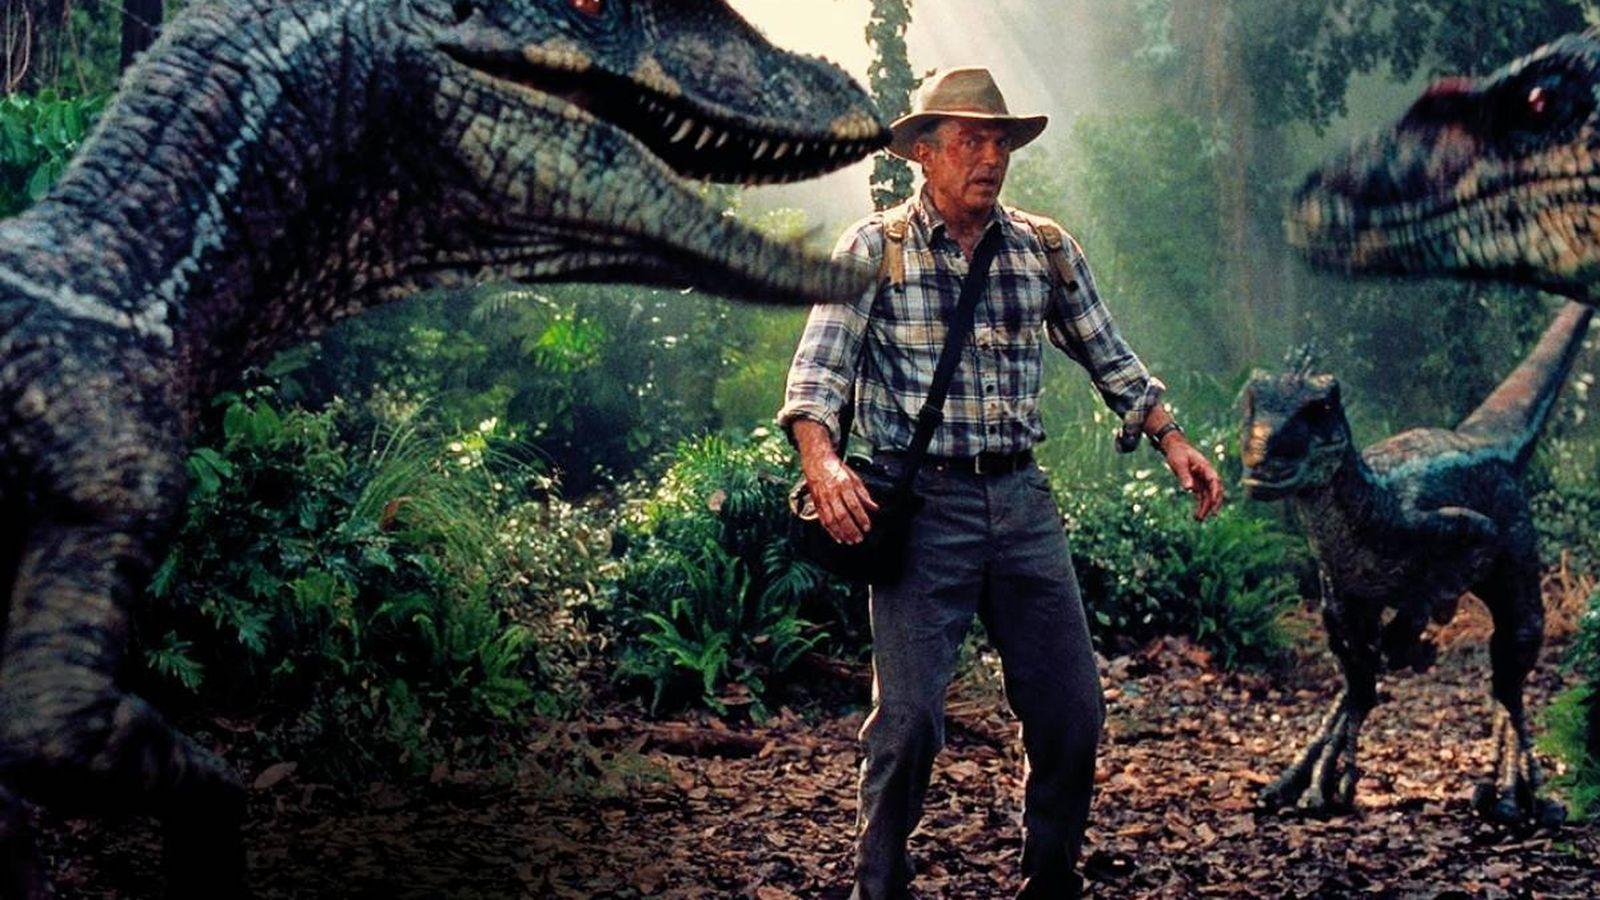 Animales Jurassic Park Se Equivoco Los Velociraptors No Cazaban En Grupo El velociraptor fue un dinosaurio bípedo de movimiento rápido, con poderosas piernas y cuerpos ligeros. animales jurassic park se equivoco